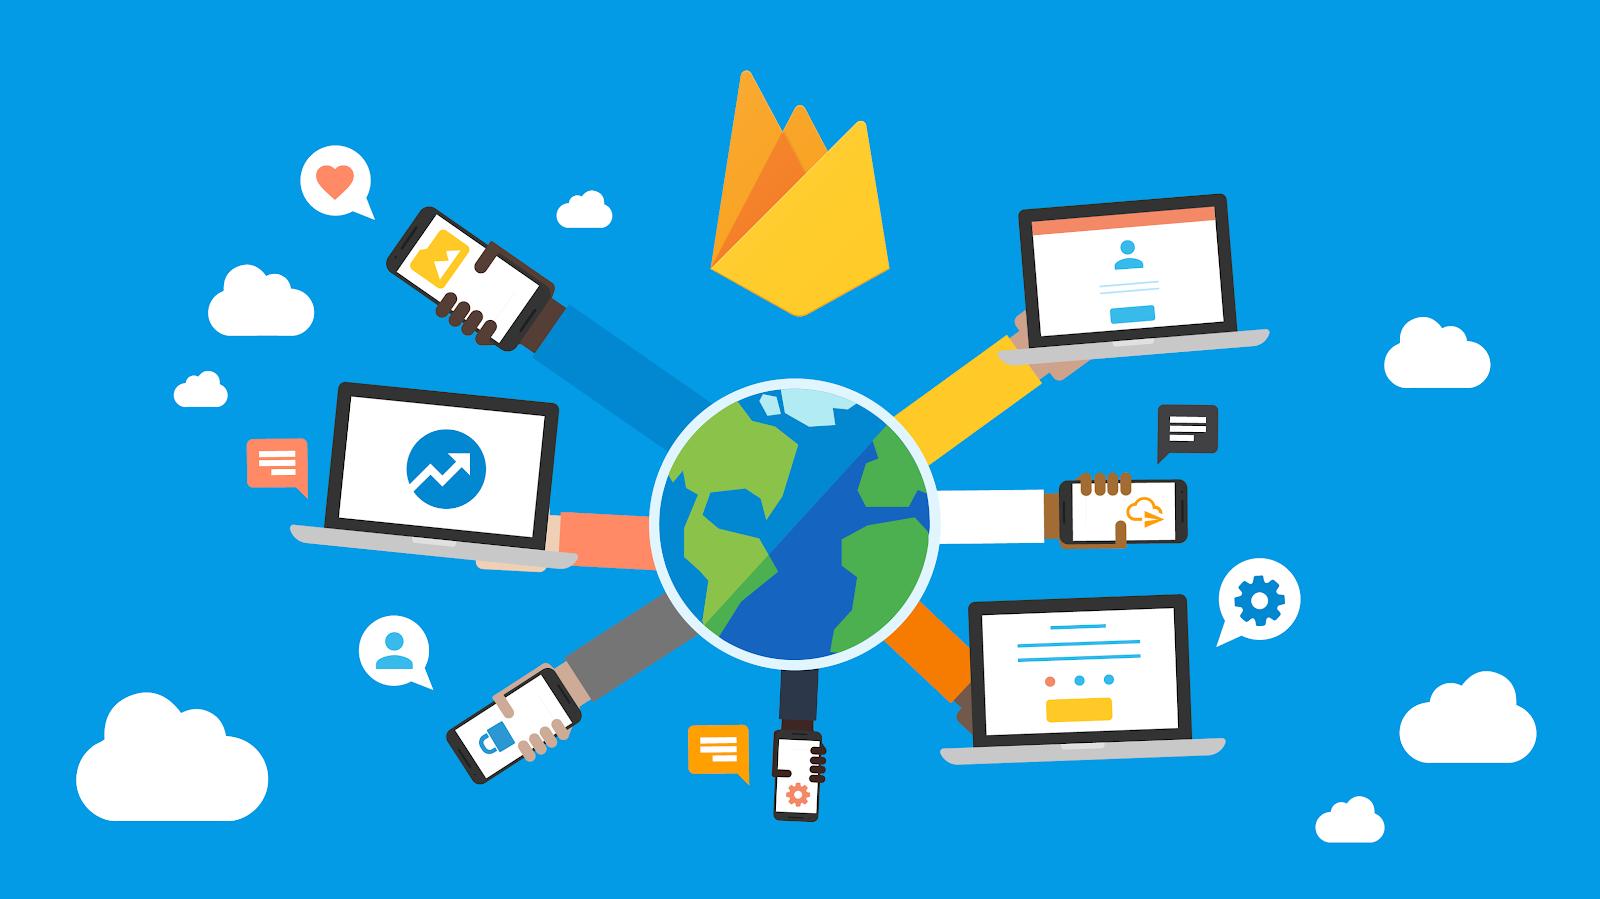 Microsoft Office 365 - Үүлнээс ажиллахад бэлэн үү?